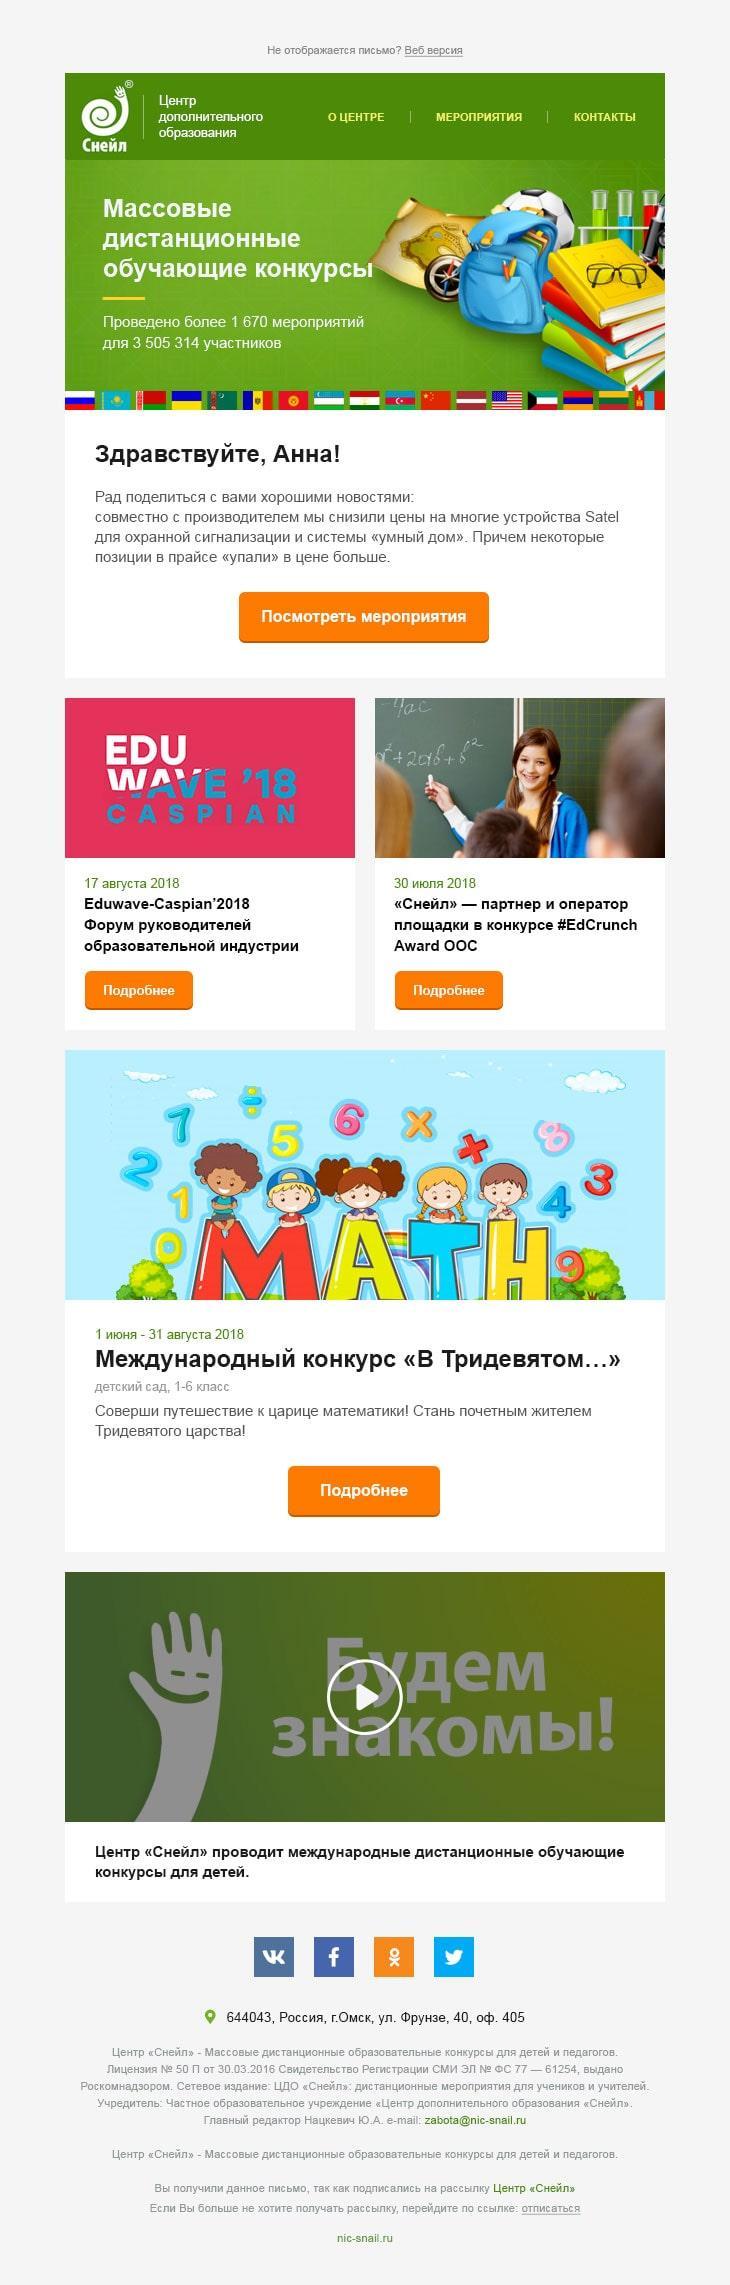 Анонс обучающих конкурсов для детей